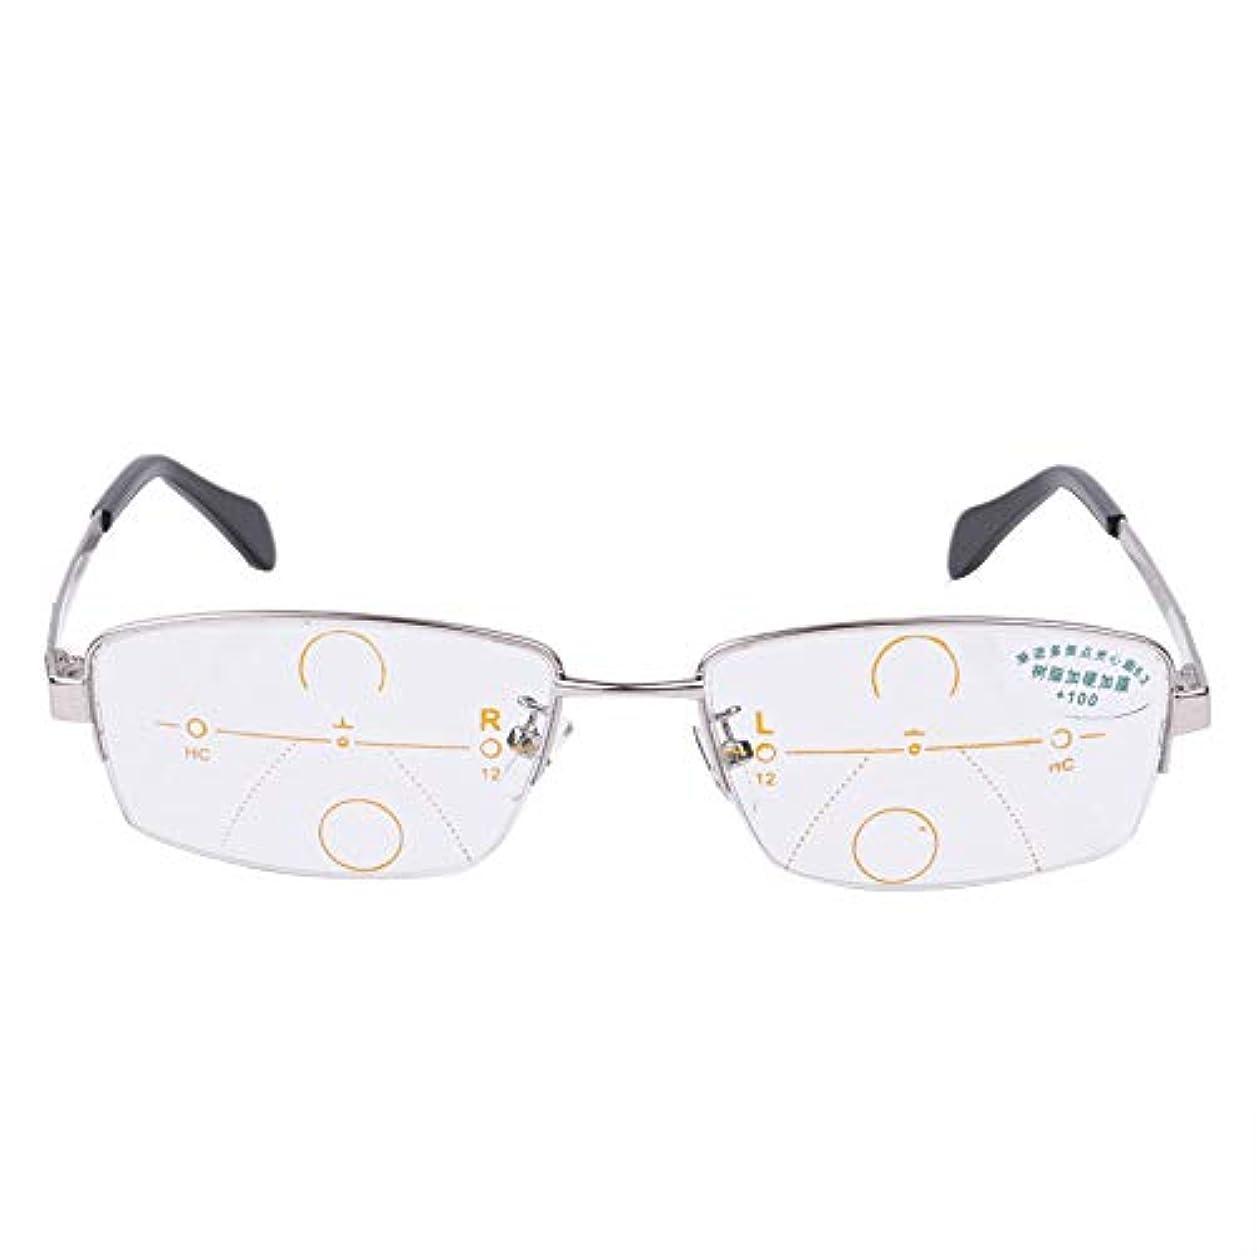 正確な落ち込んでいる裸インテリジェント自動ズーム老眼鏡、青い抗疲労老眼鏡、老人男性のHDプログレッシブマルチフォーカス老眼鏡、両親の贈り物